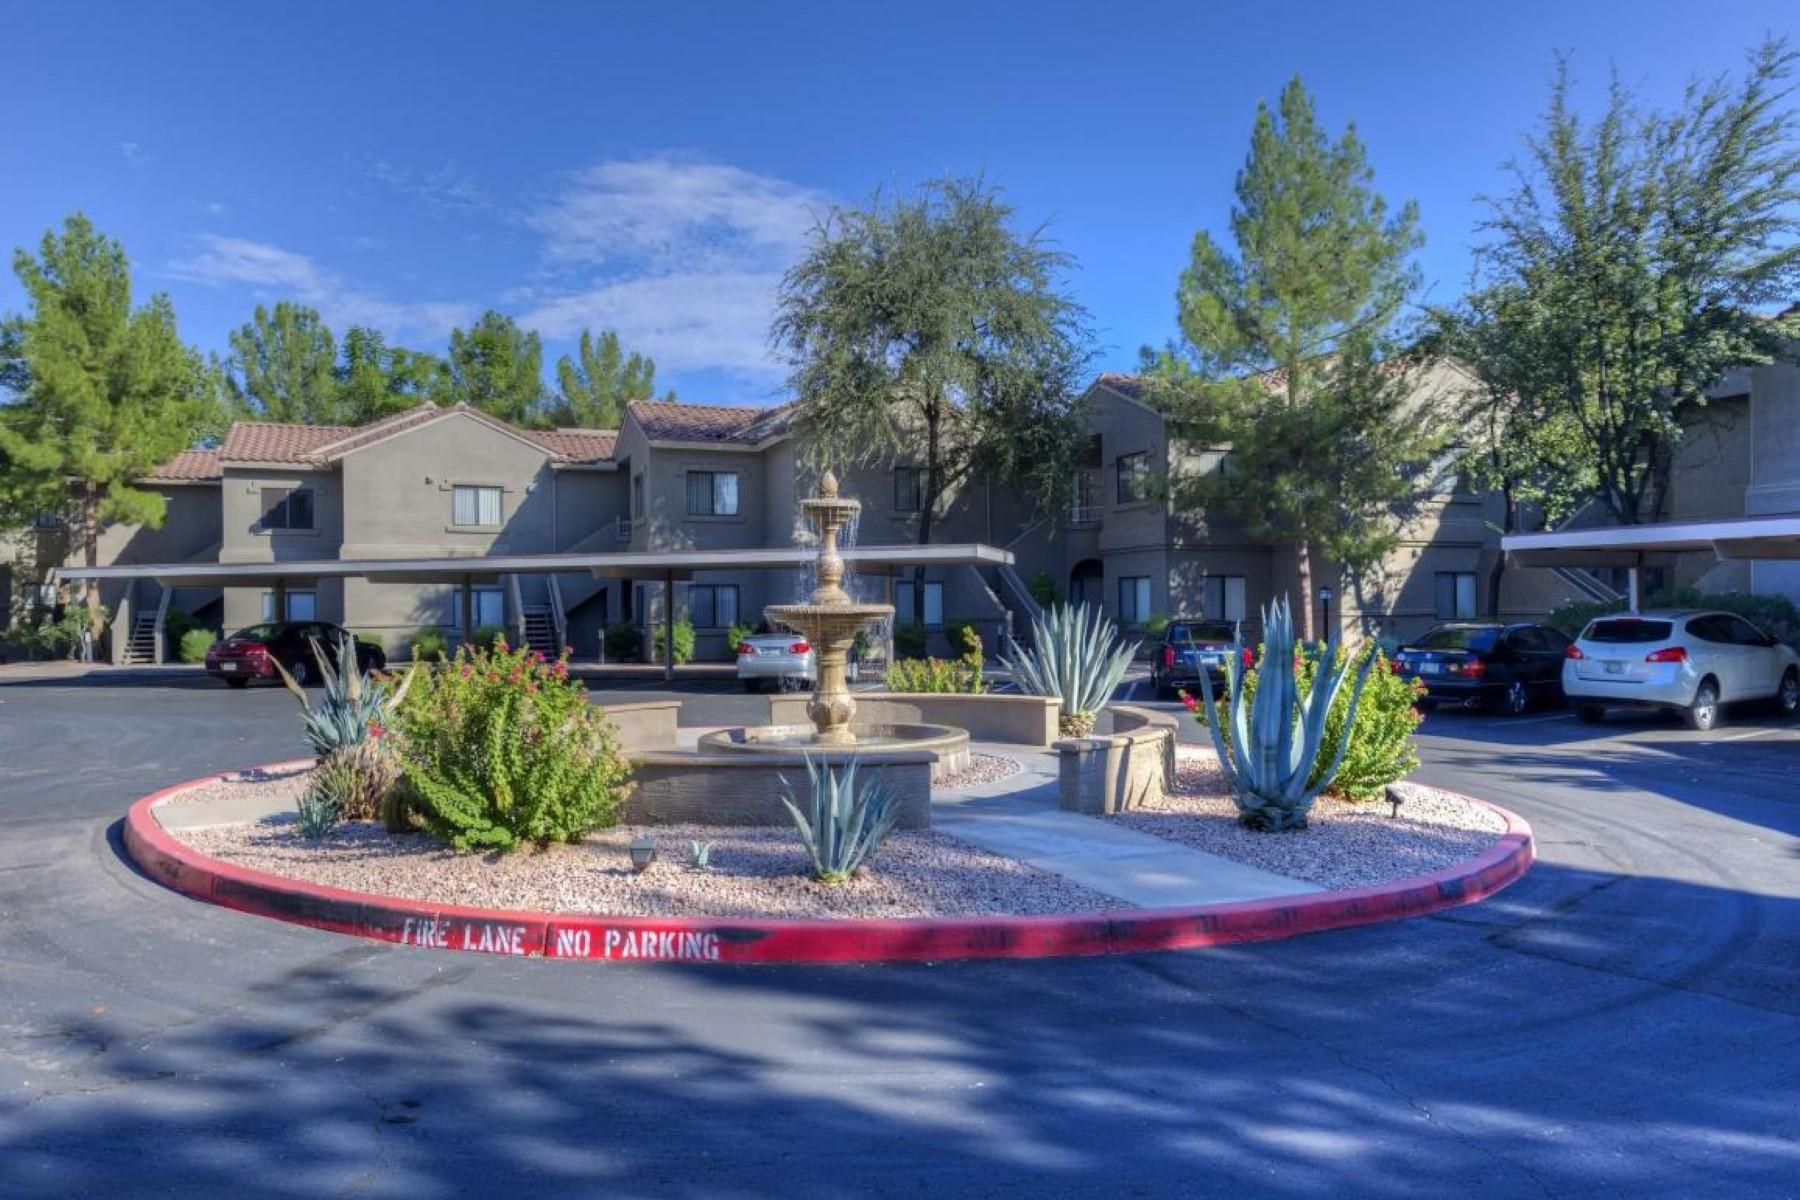 公寓 為 出售 在 Beautifully updated two bed / two bath condo in the quiet North Scottsdale. 15050 N THOMPSON PEAK PKWY 2065 Scottsdale, 亞利桑那州 85260 美國